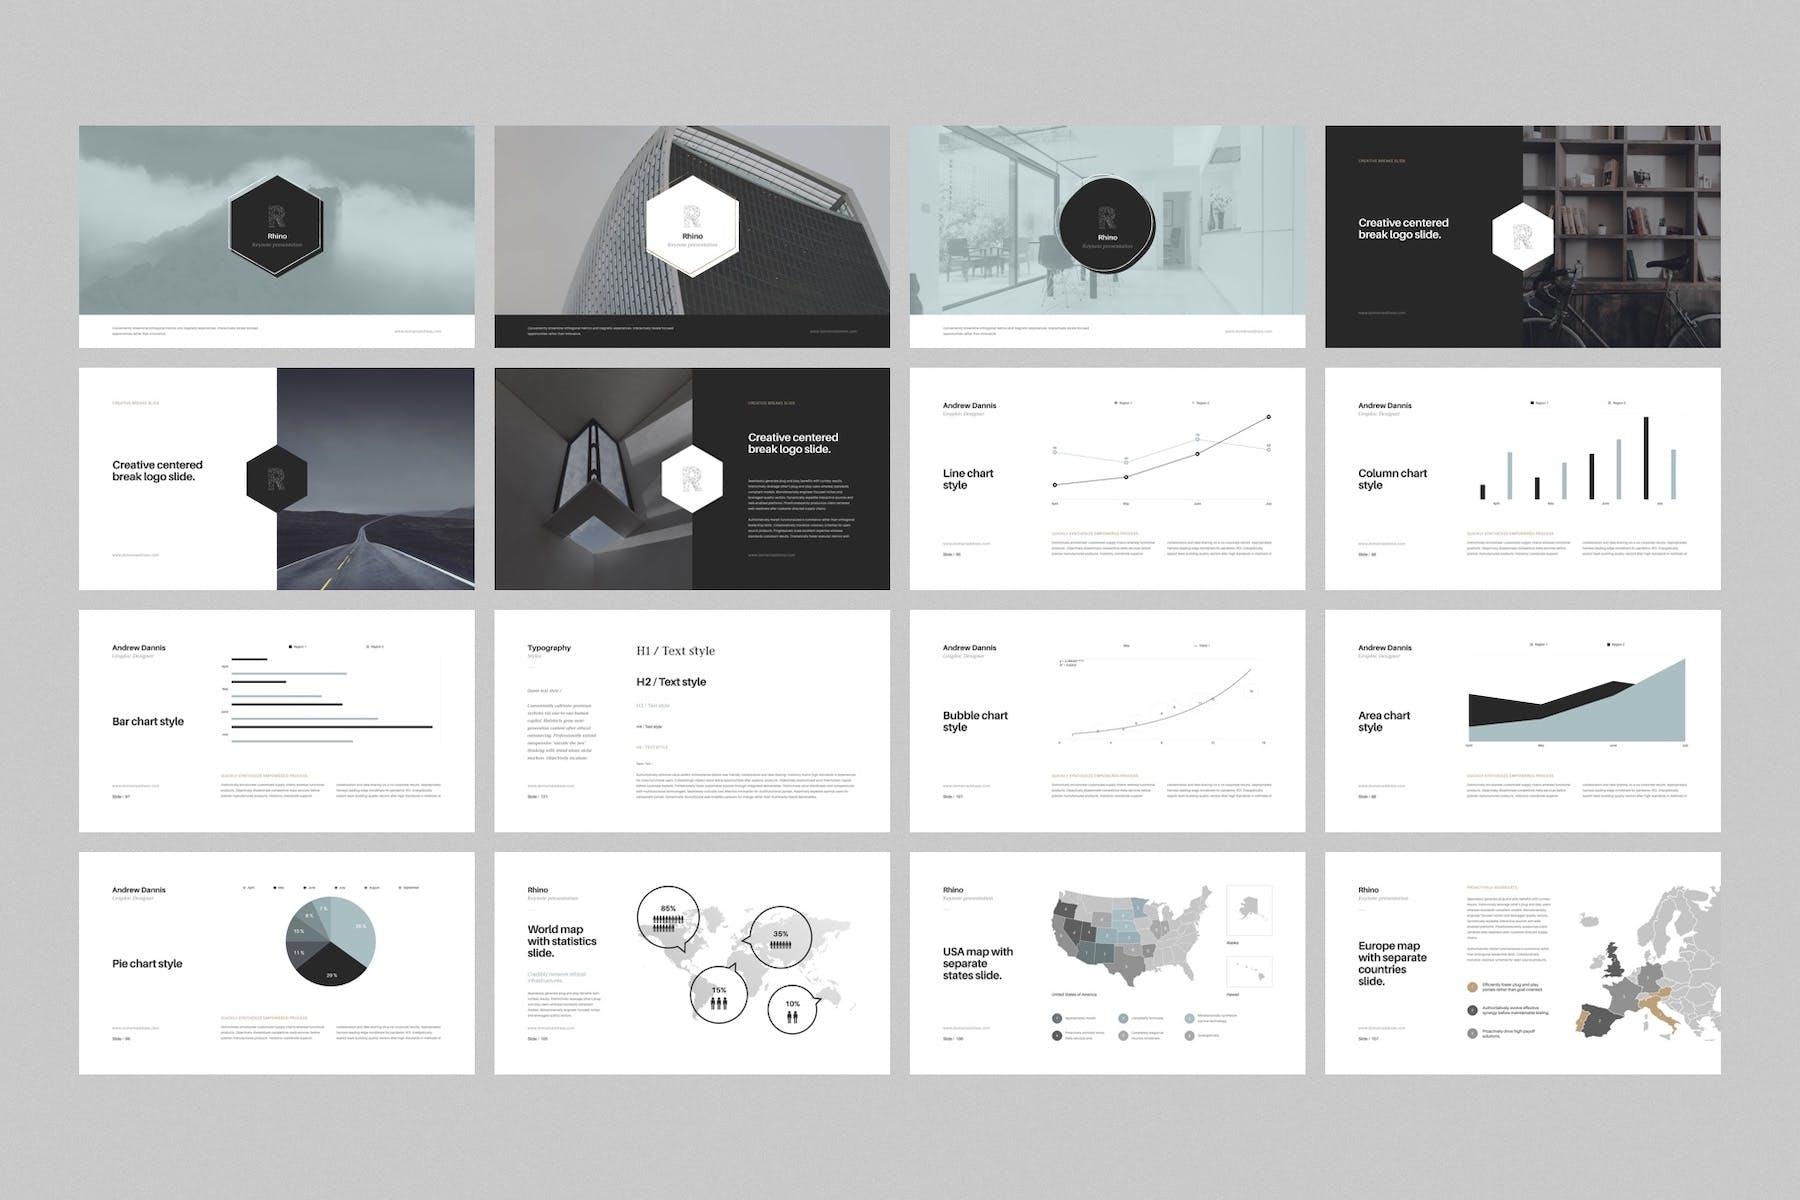 多用途极简风格PPT幻灯片模板下载Rhino Keynote Presentation Template插图(5)